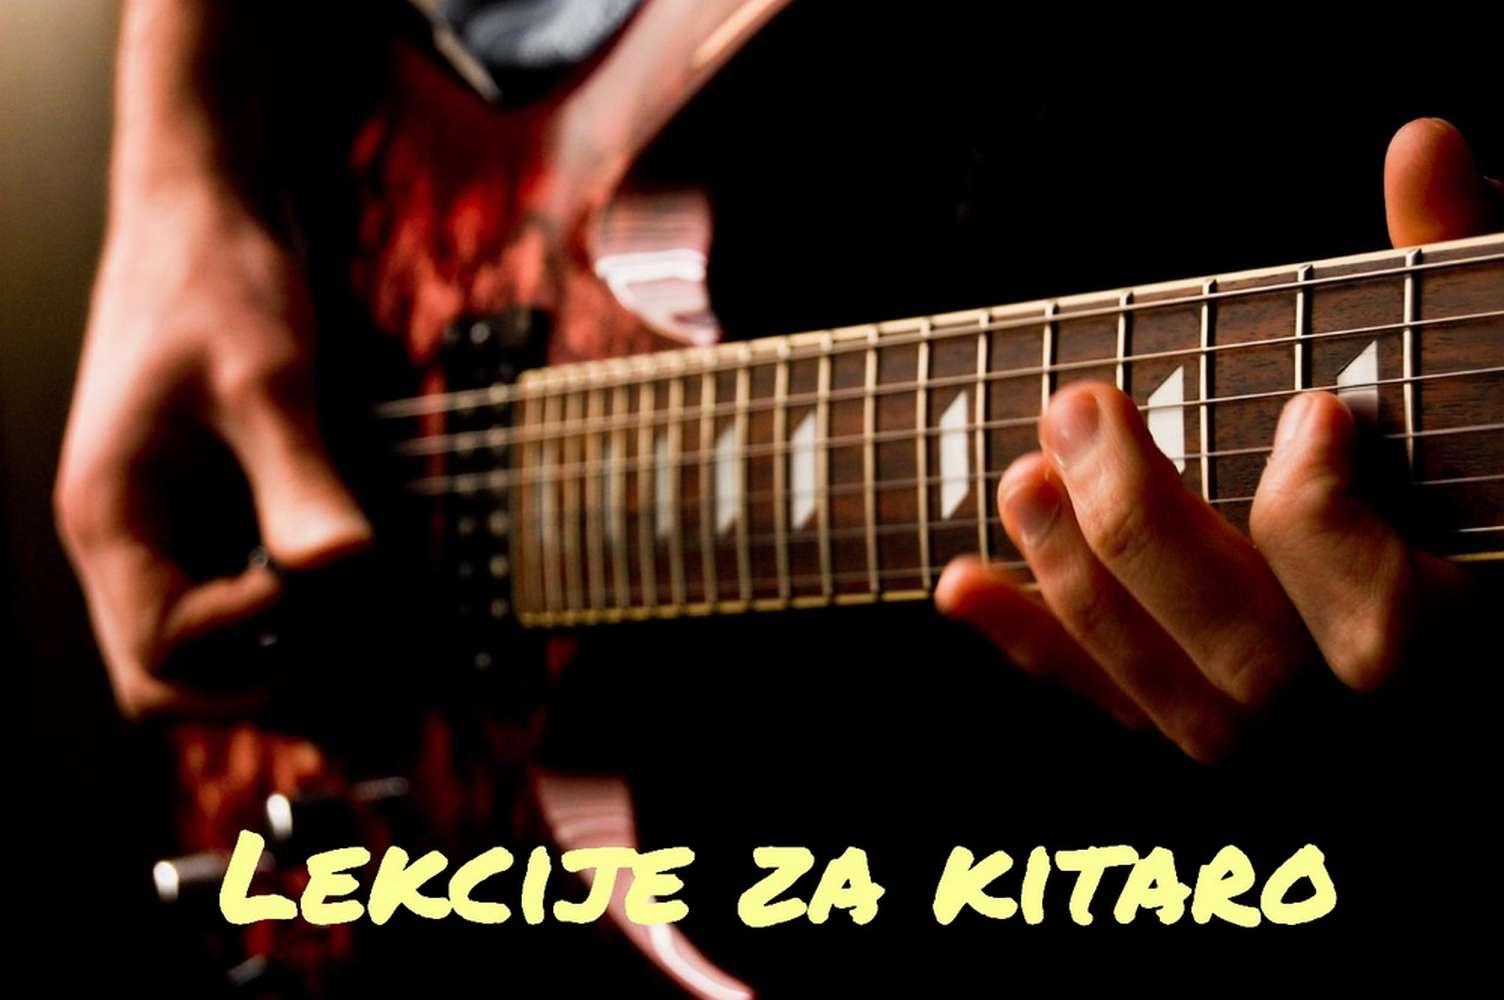 Lekcije učenje igranje kitare